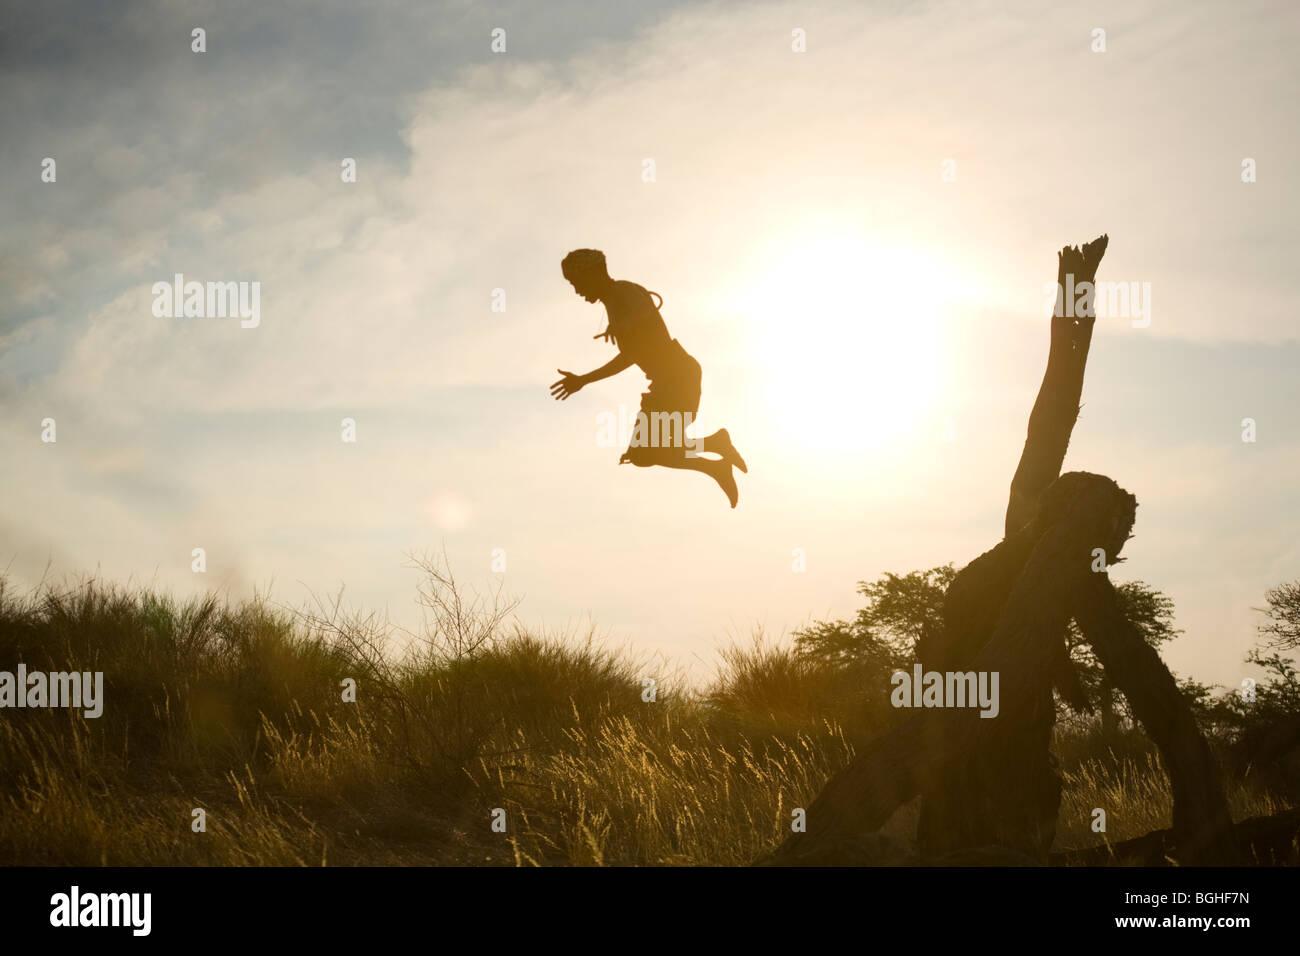 L'homme de tribu Bushmen sauter d'arbre, Désert du Kalahari, en Namibie Banque D'Images